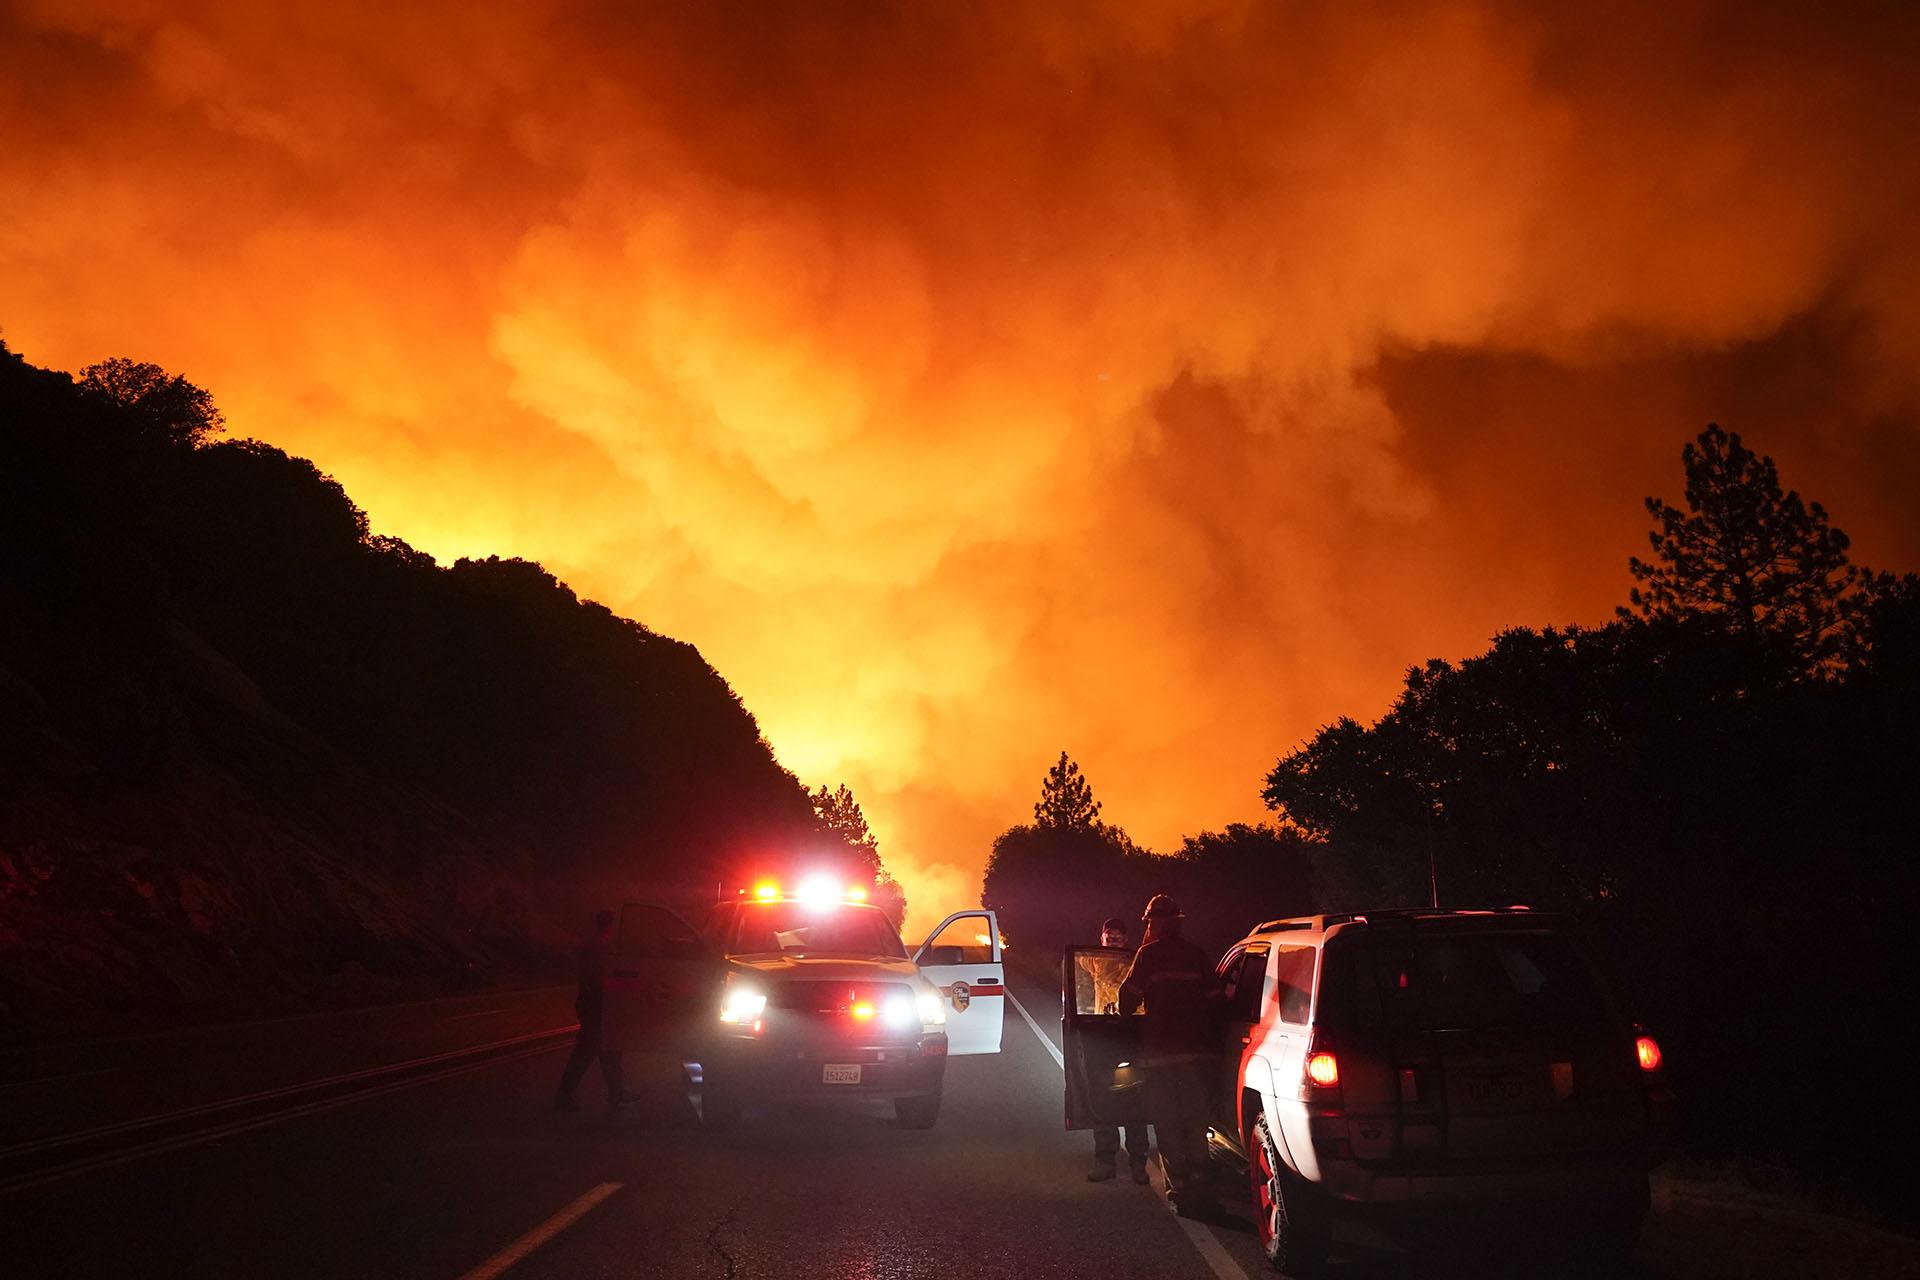 """Las personas atrapadas se encuentran actualmente a salvo en áreas temporales de refugio, dijo el teniente Brandon Purcell de la Oficina del Sheriff de Fresno, y calificó el incendio como """"un desastre sin precedentes para el condado de Fresno"""". (AP Foto/Marcio Jose Sanchez)"""